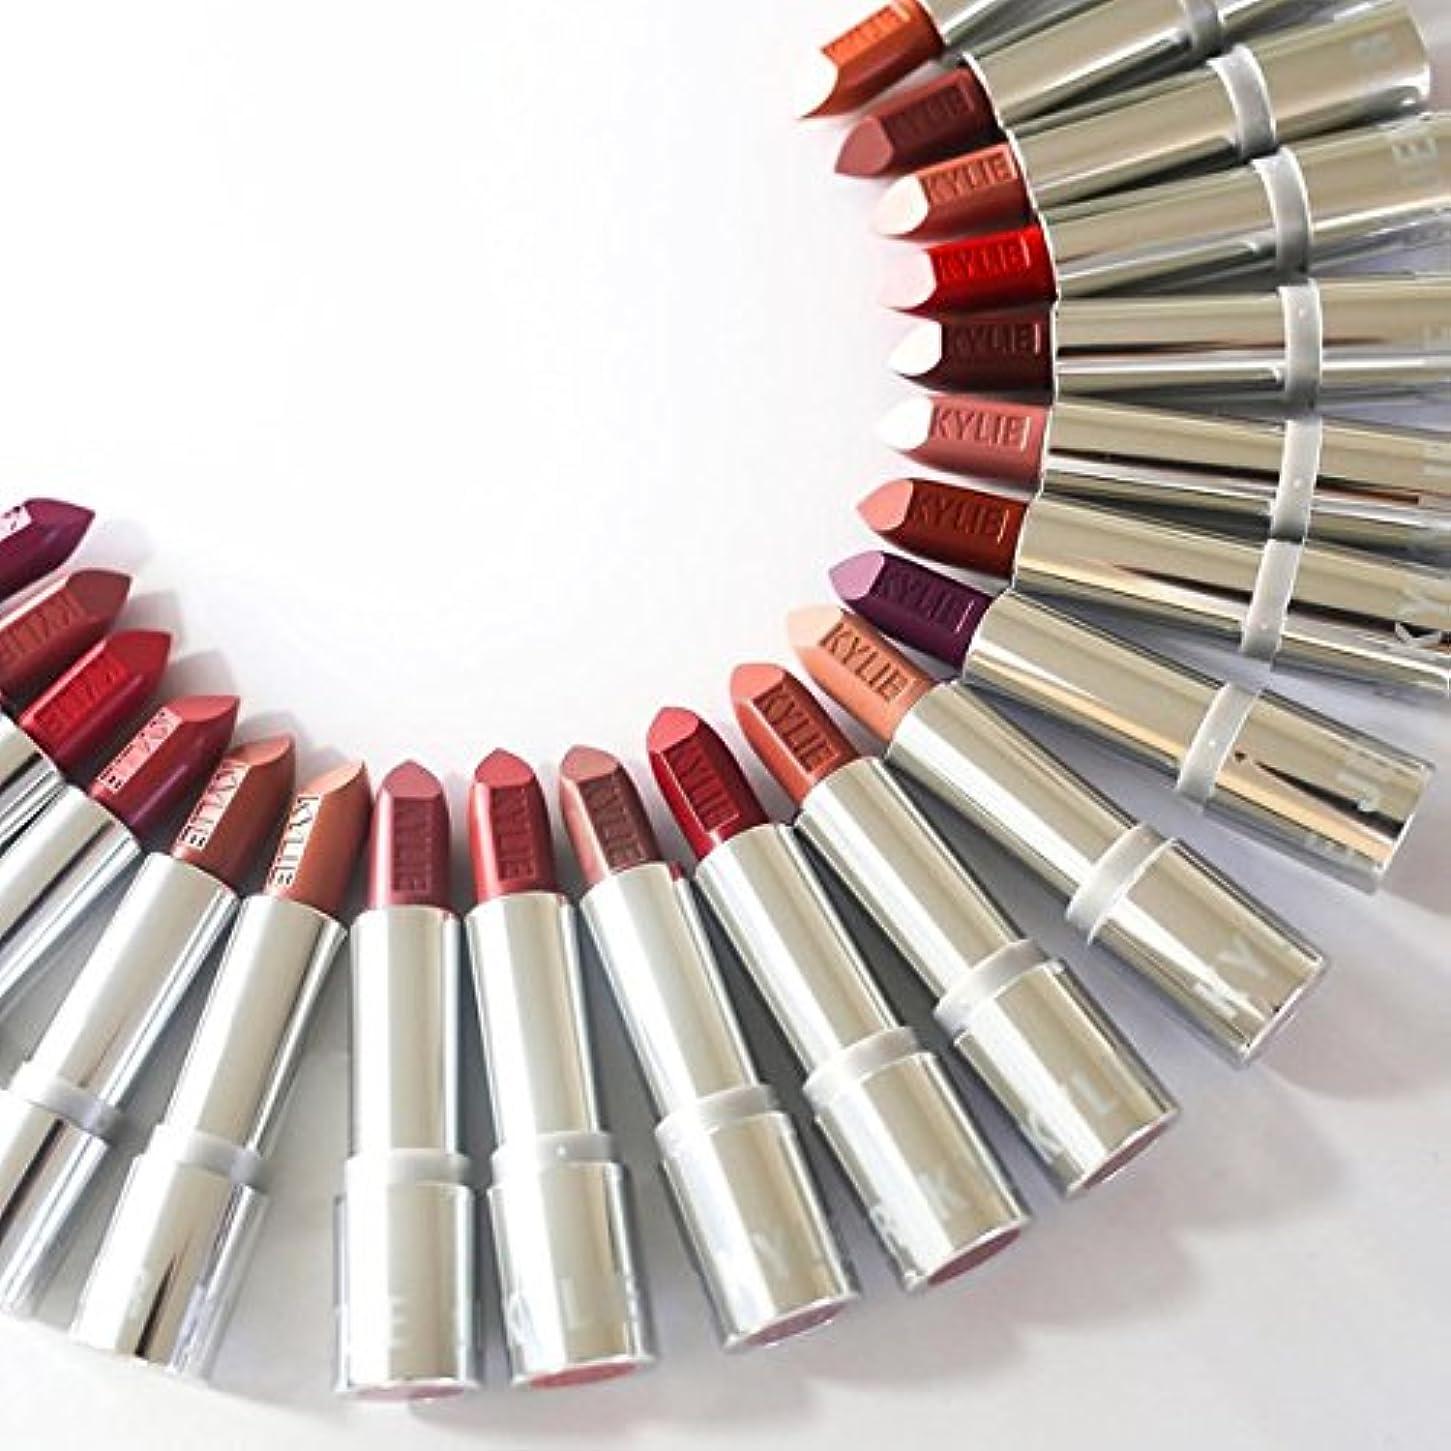 毎年うまれた王子kyliecosmetics カイリーコスメ silverseries シルバーシリーズ NEW LIP 口紅 ヌーディ カイリーリップ CREAM BRULEE